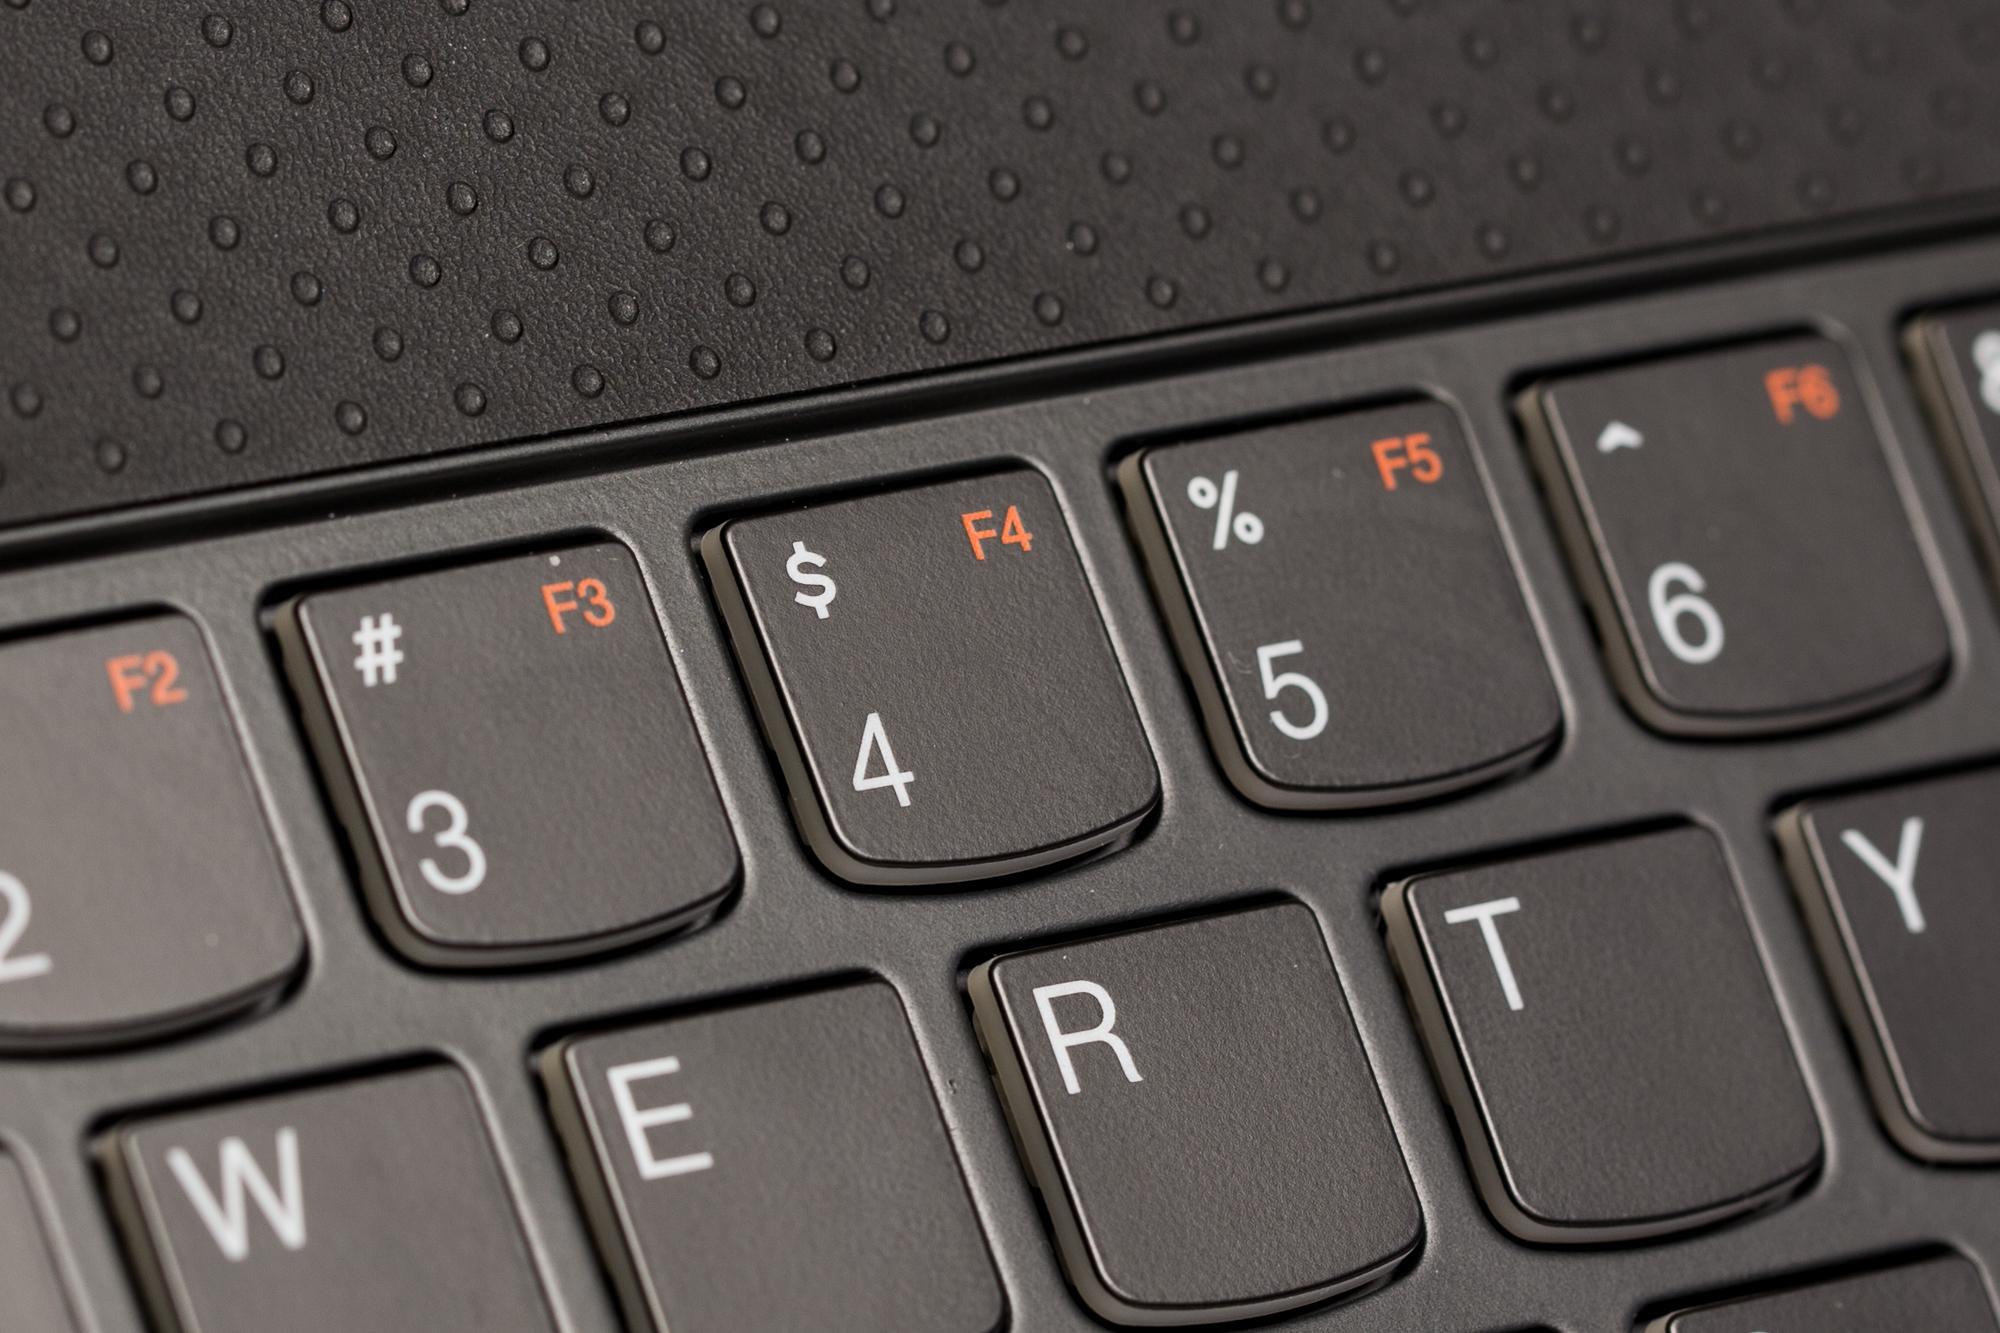 Kaufberatung: Worauf es bei einem Notebook ankommt - Chiclet-Tastatur ohne dedizierte F-Tasten (Bild: Fabian Hamacher/Golem.de)